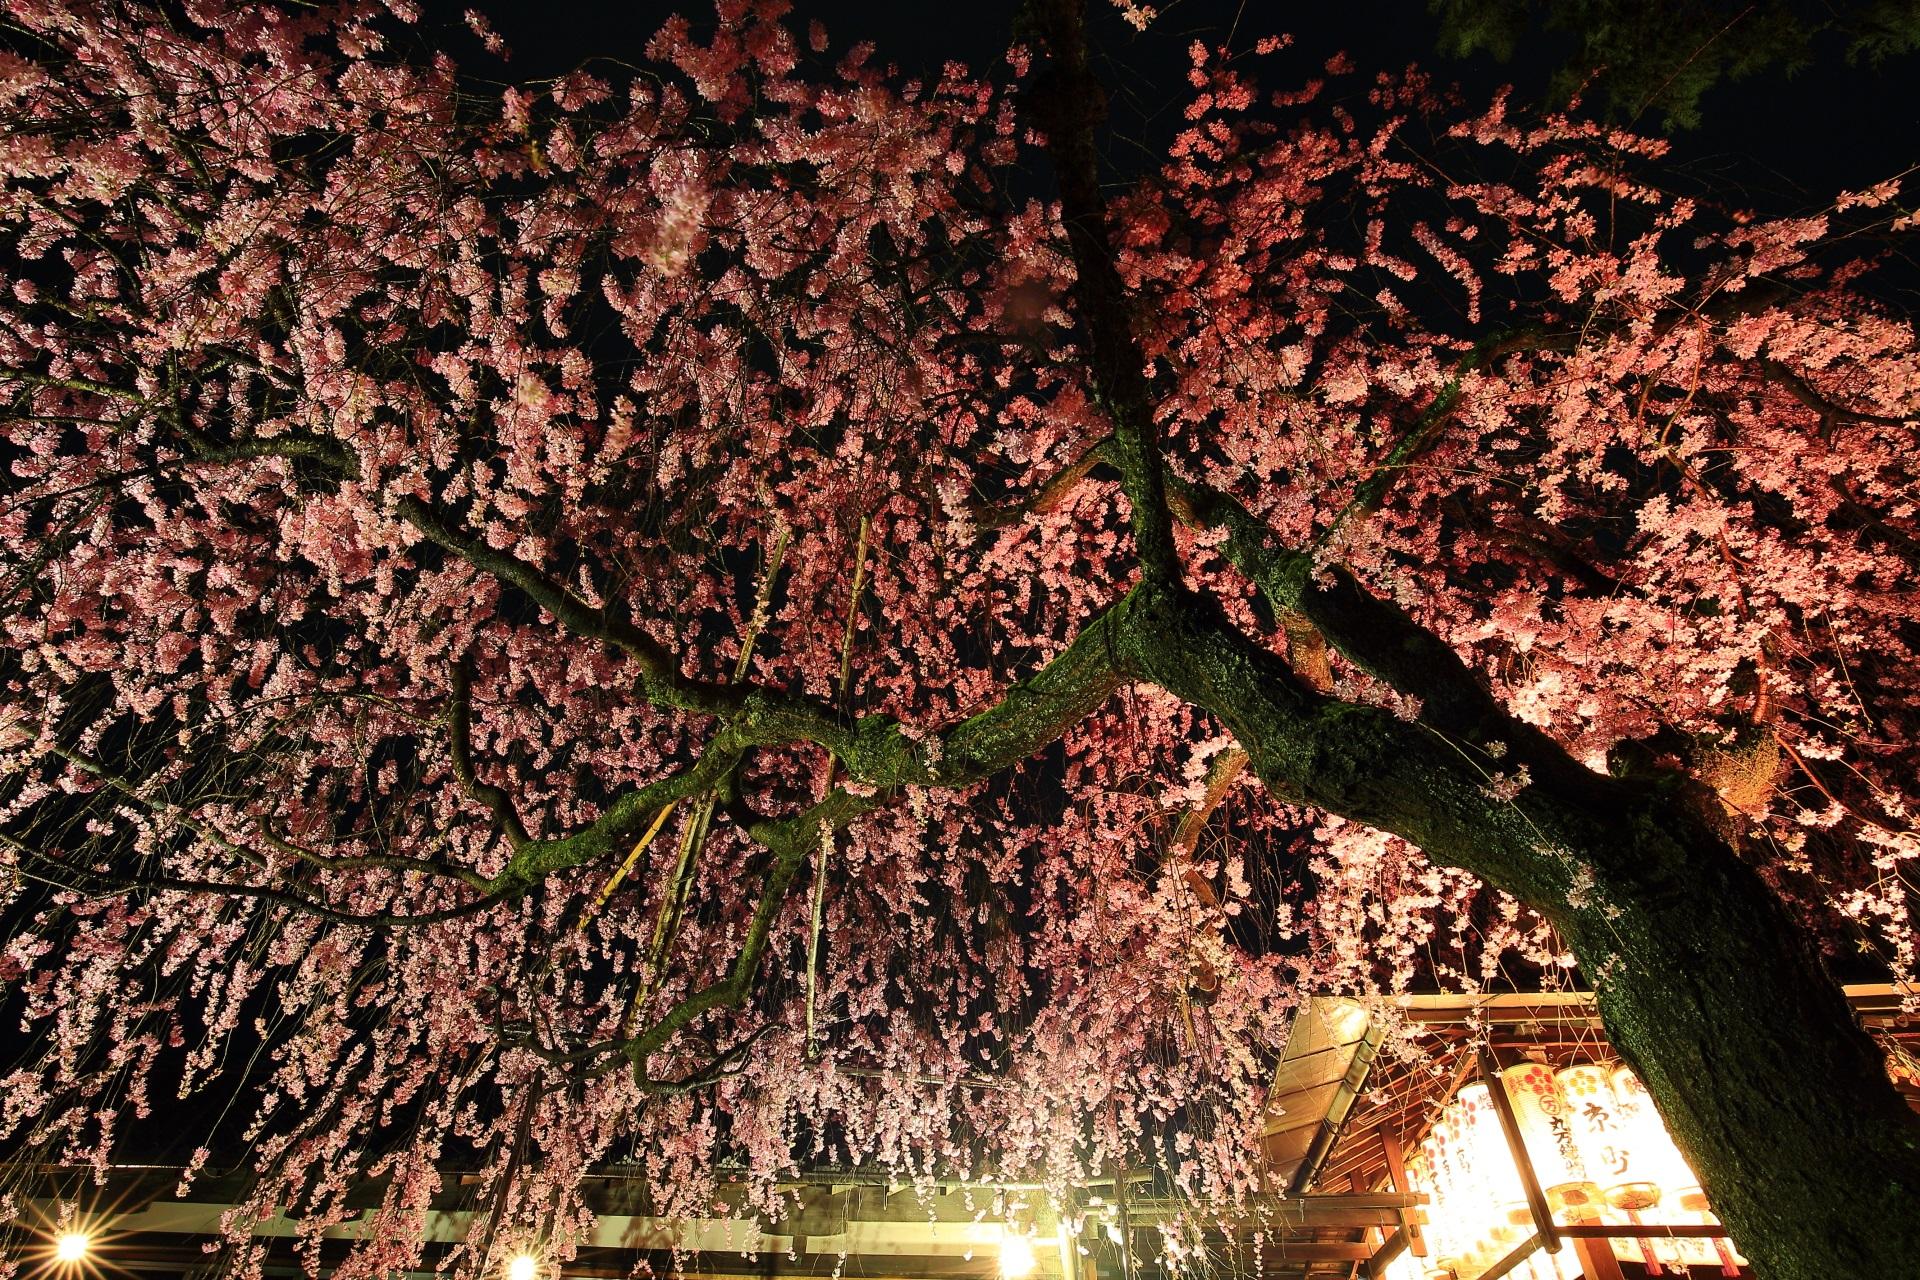 鮮やかなピンクの桜の天井